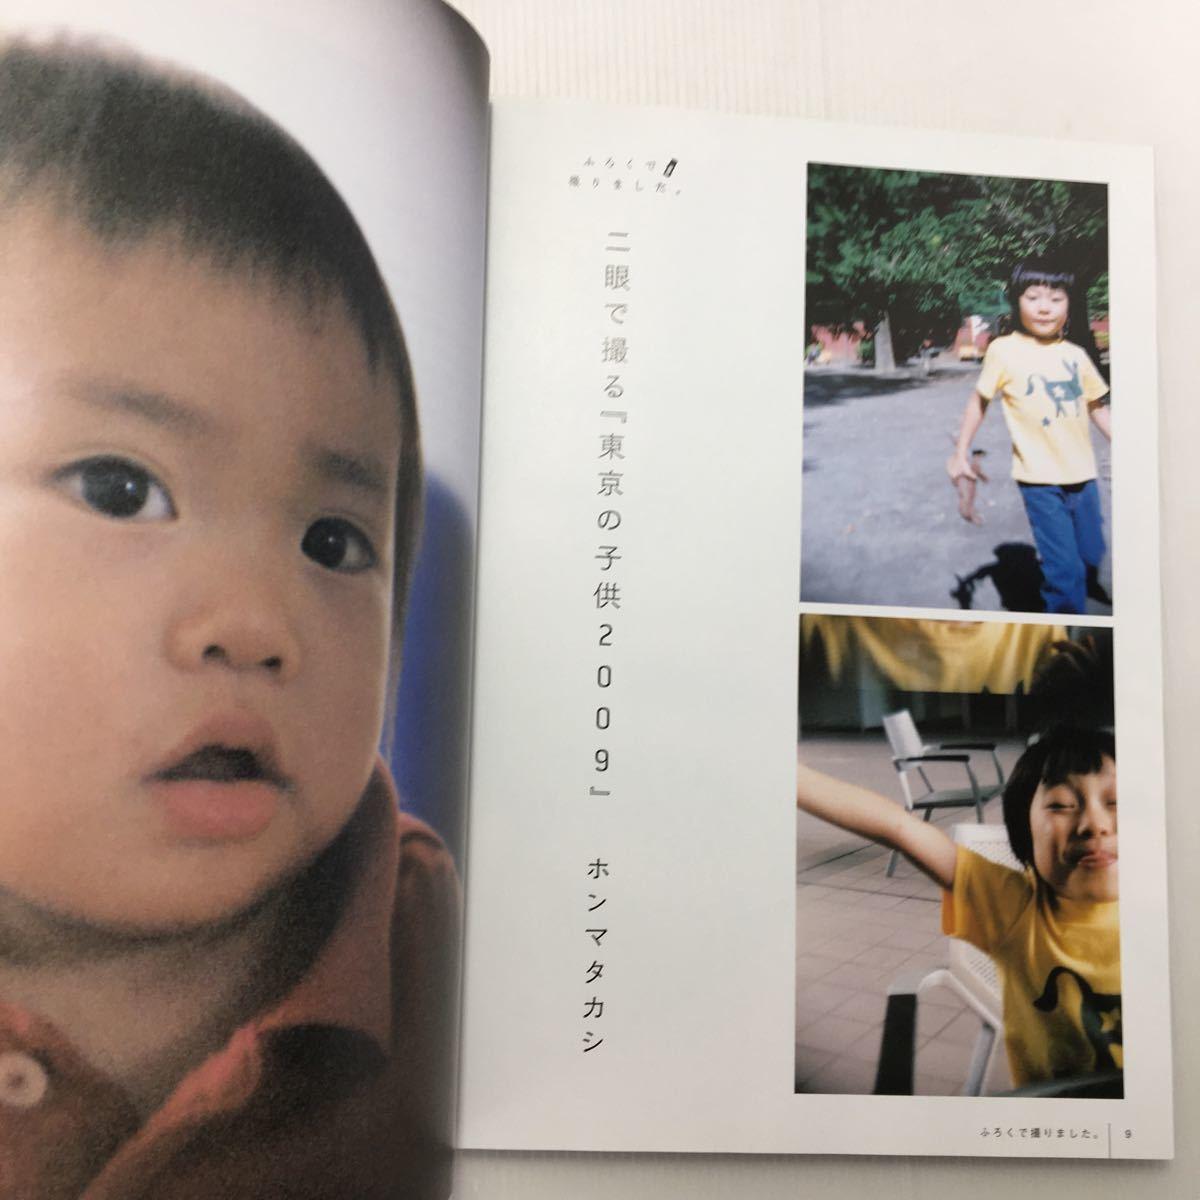 zaa-055★大人の科学マガジン Vol.25(二眼レフカメラ)学研ムック 大人の科学マガジンシリーズ《付録35mm二眼レフカメラは付きません》_画像2